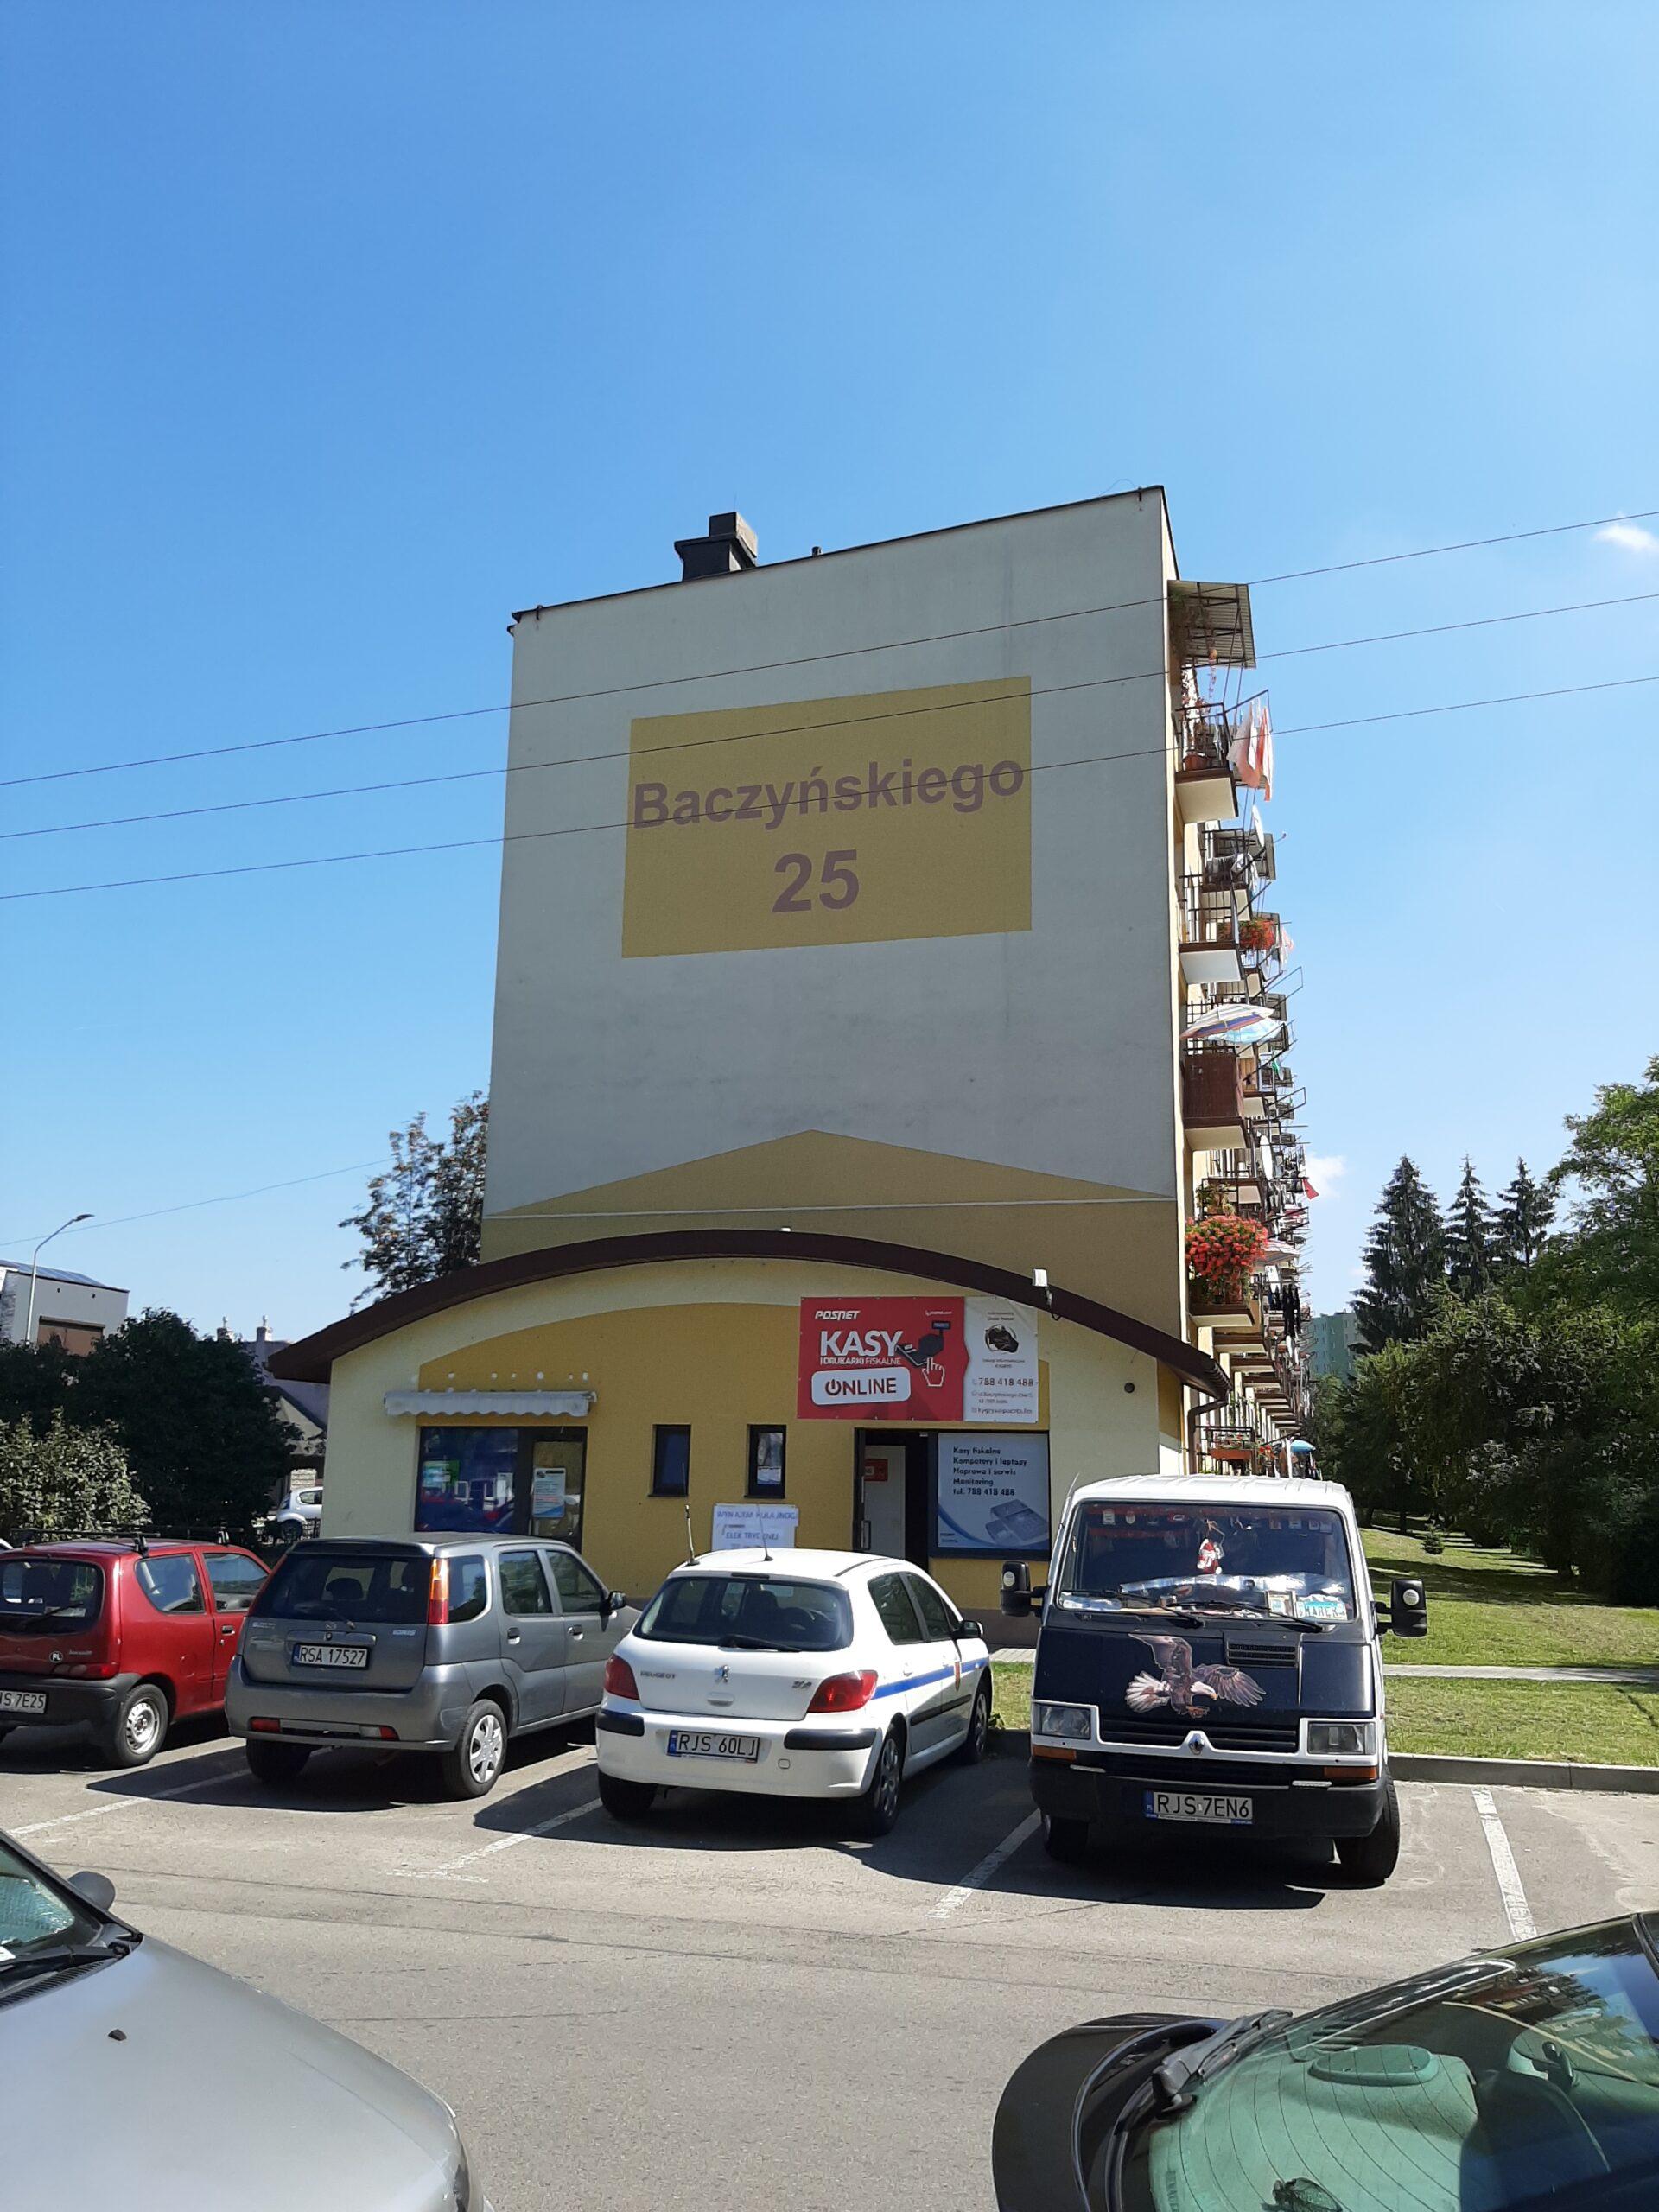 Baczyńskiego25